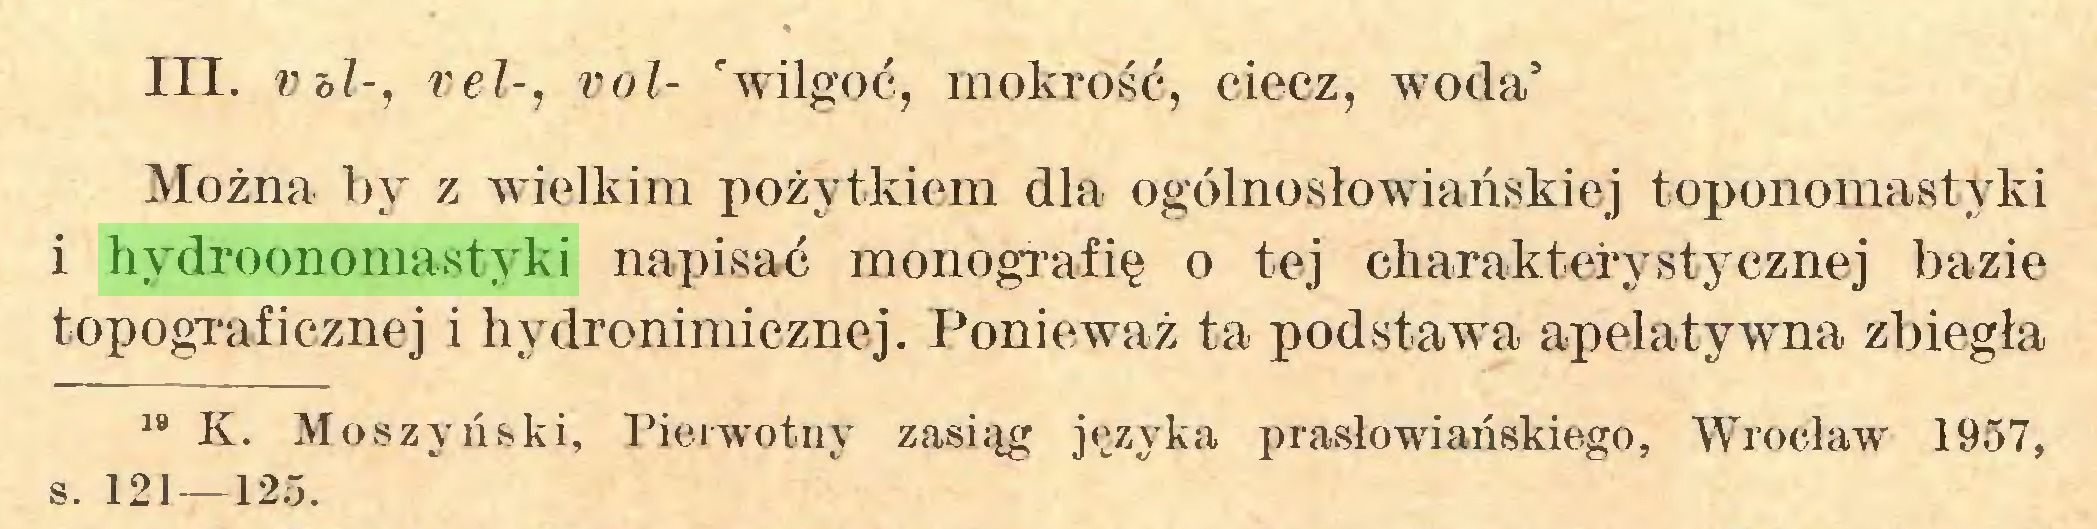 (...) III. Vbl-, vel-, vol- 'wilgoć, mokrość, ciecz, woda' Można by z wielkim pożytkiem dla ogólnosłowiańskiej toponomastyki i hydroonomastyki napisać monografię o tej charakterystycznej bazie topograficznej i hydronimicznej. Ponieważ ta podstawa apelatywna zbiegła 19 K. Moszyński, Pierwotny zasiąg języka prasłowiańskiego, Wrocław 1957, s. 121—125...